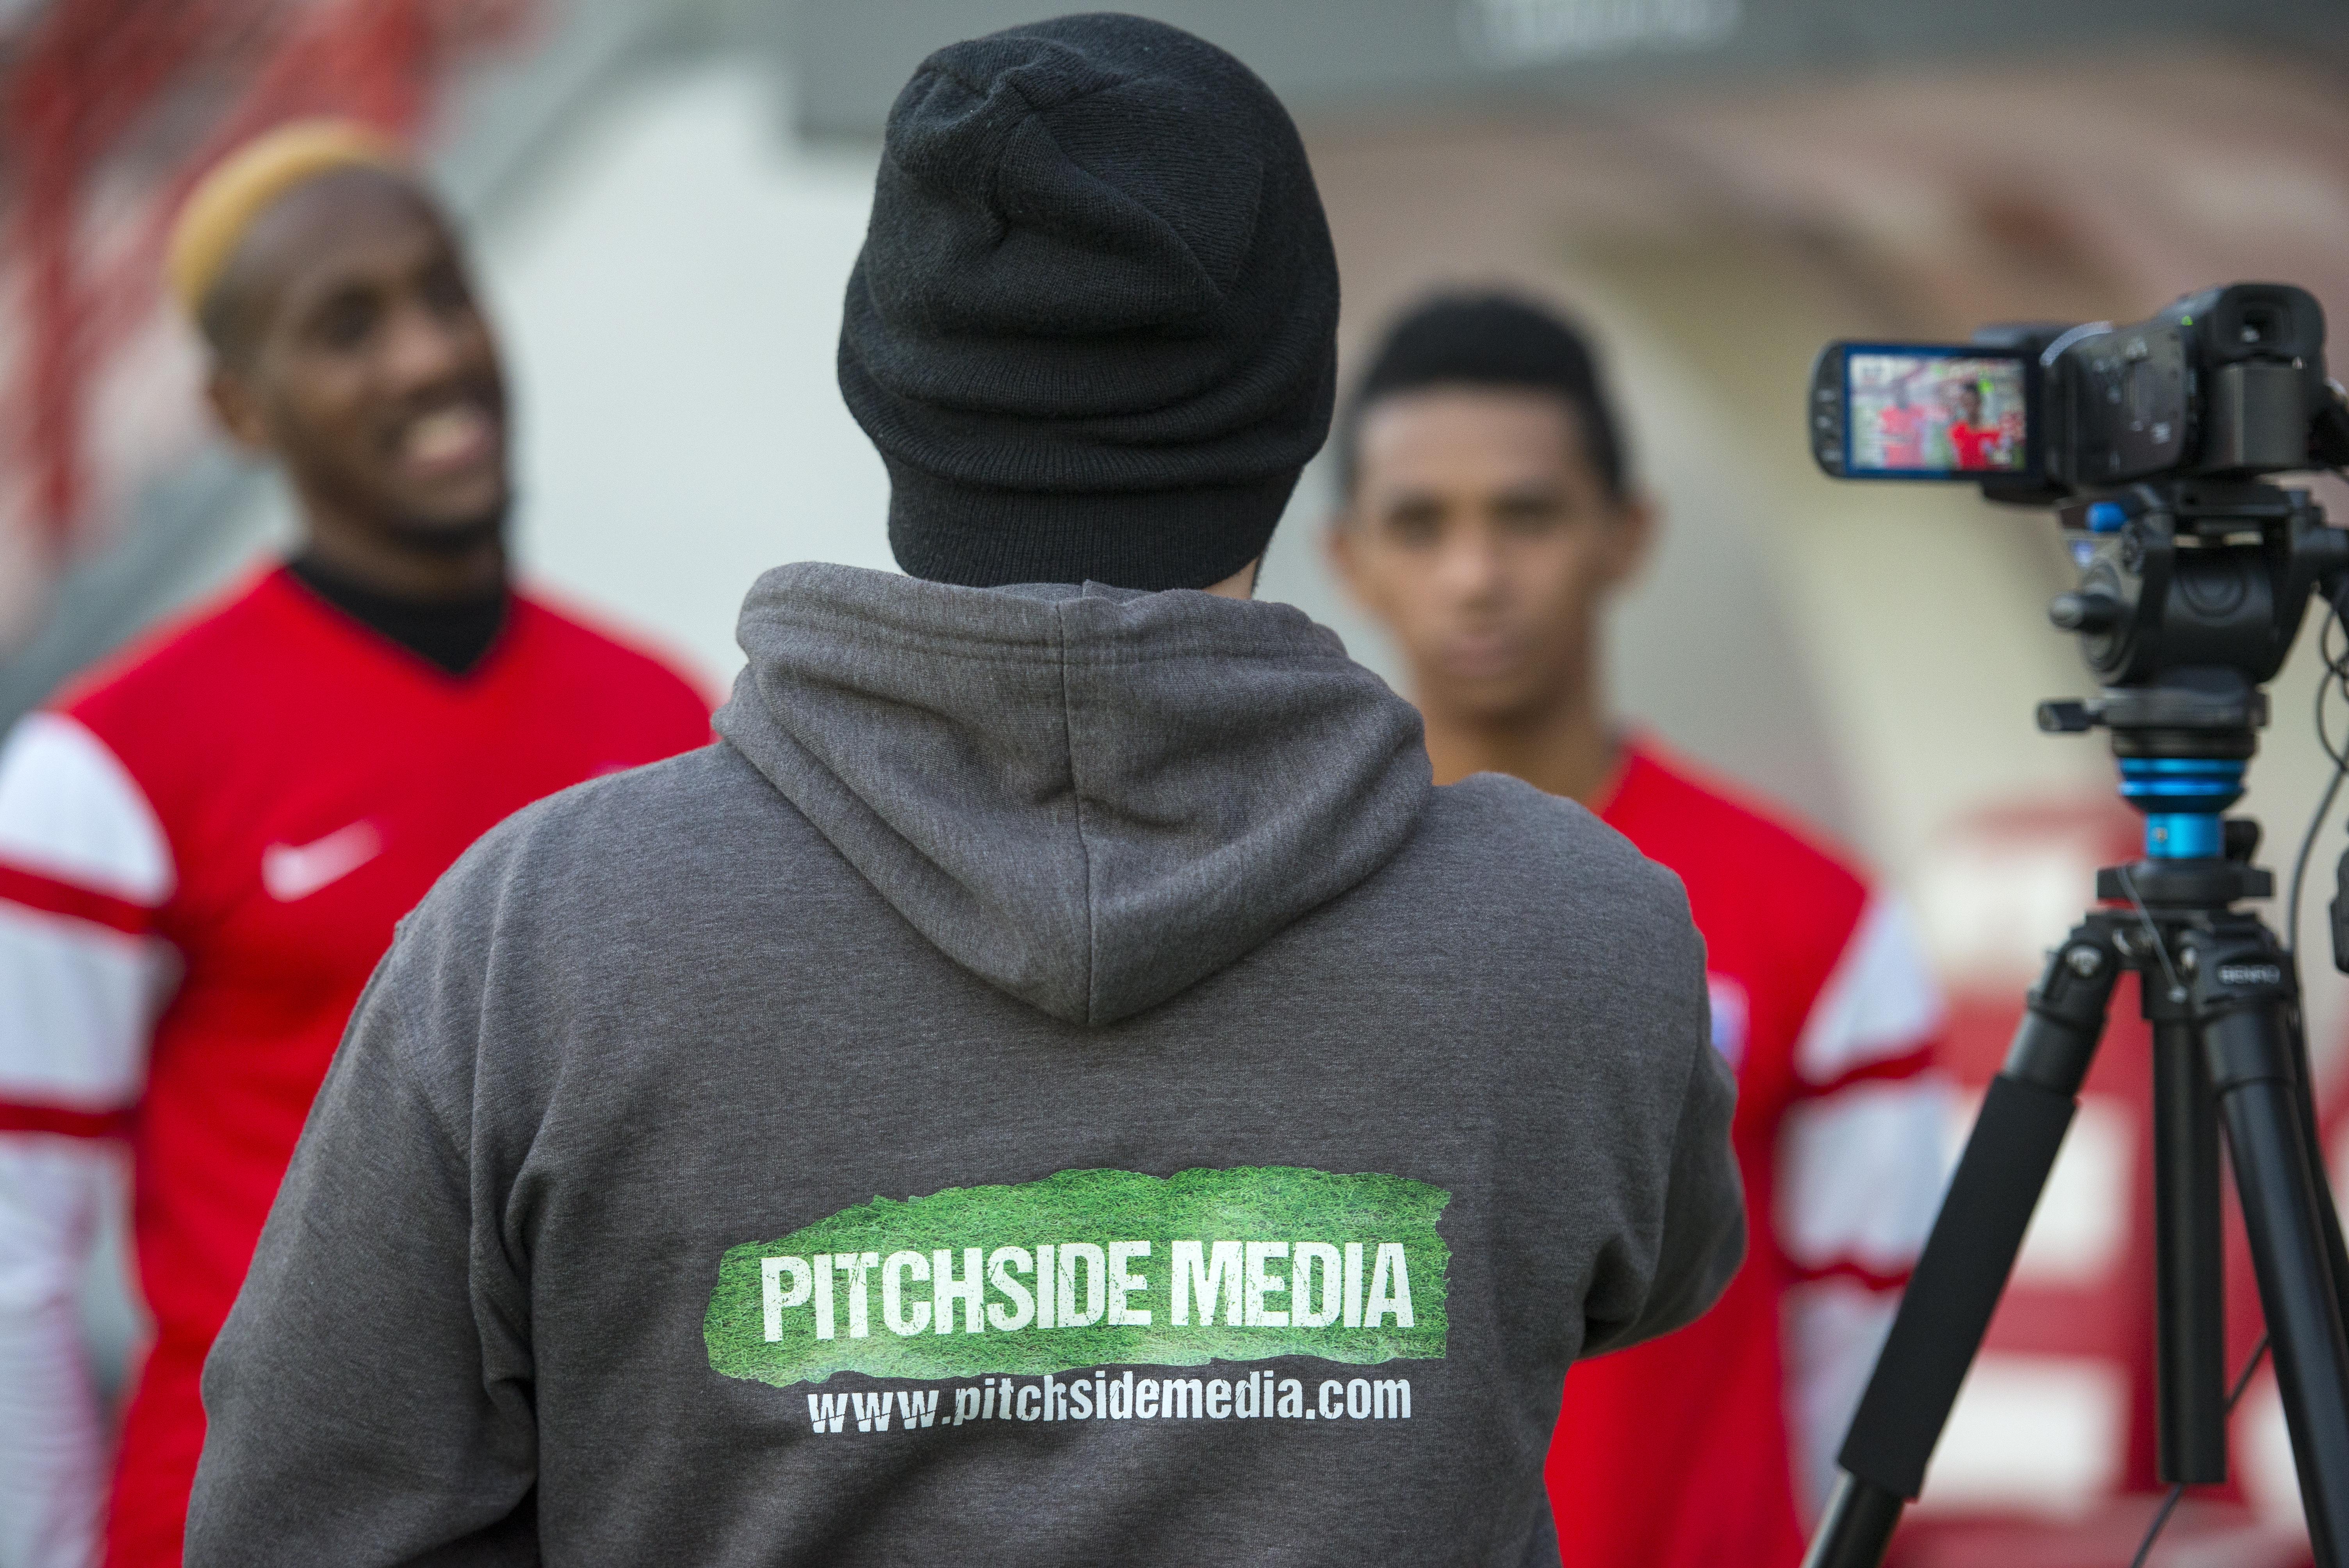 Pitchside Media